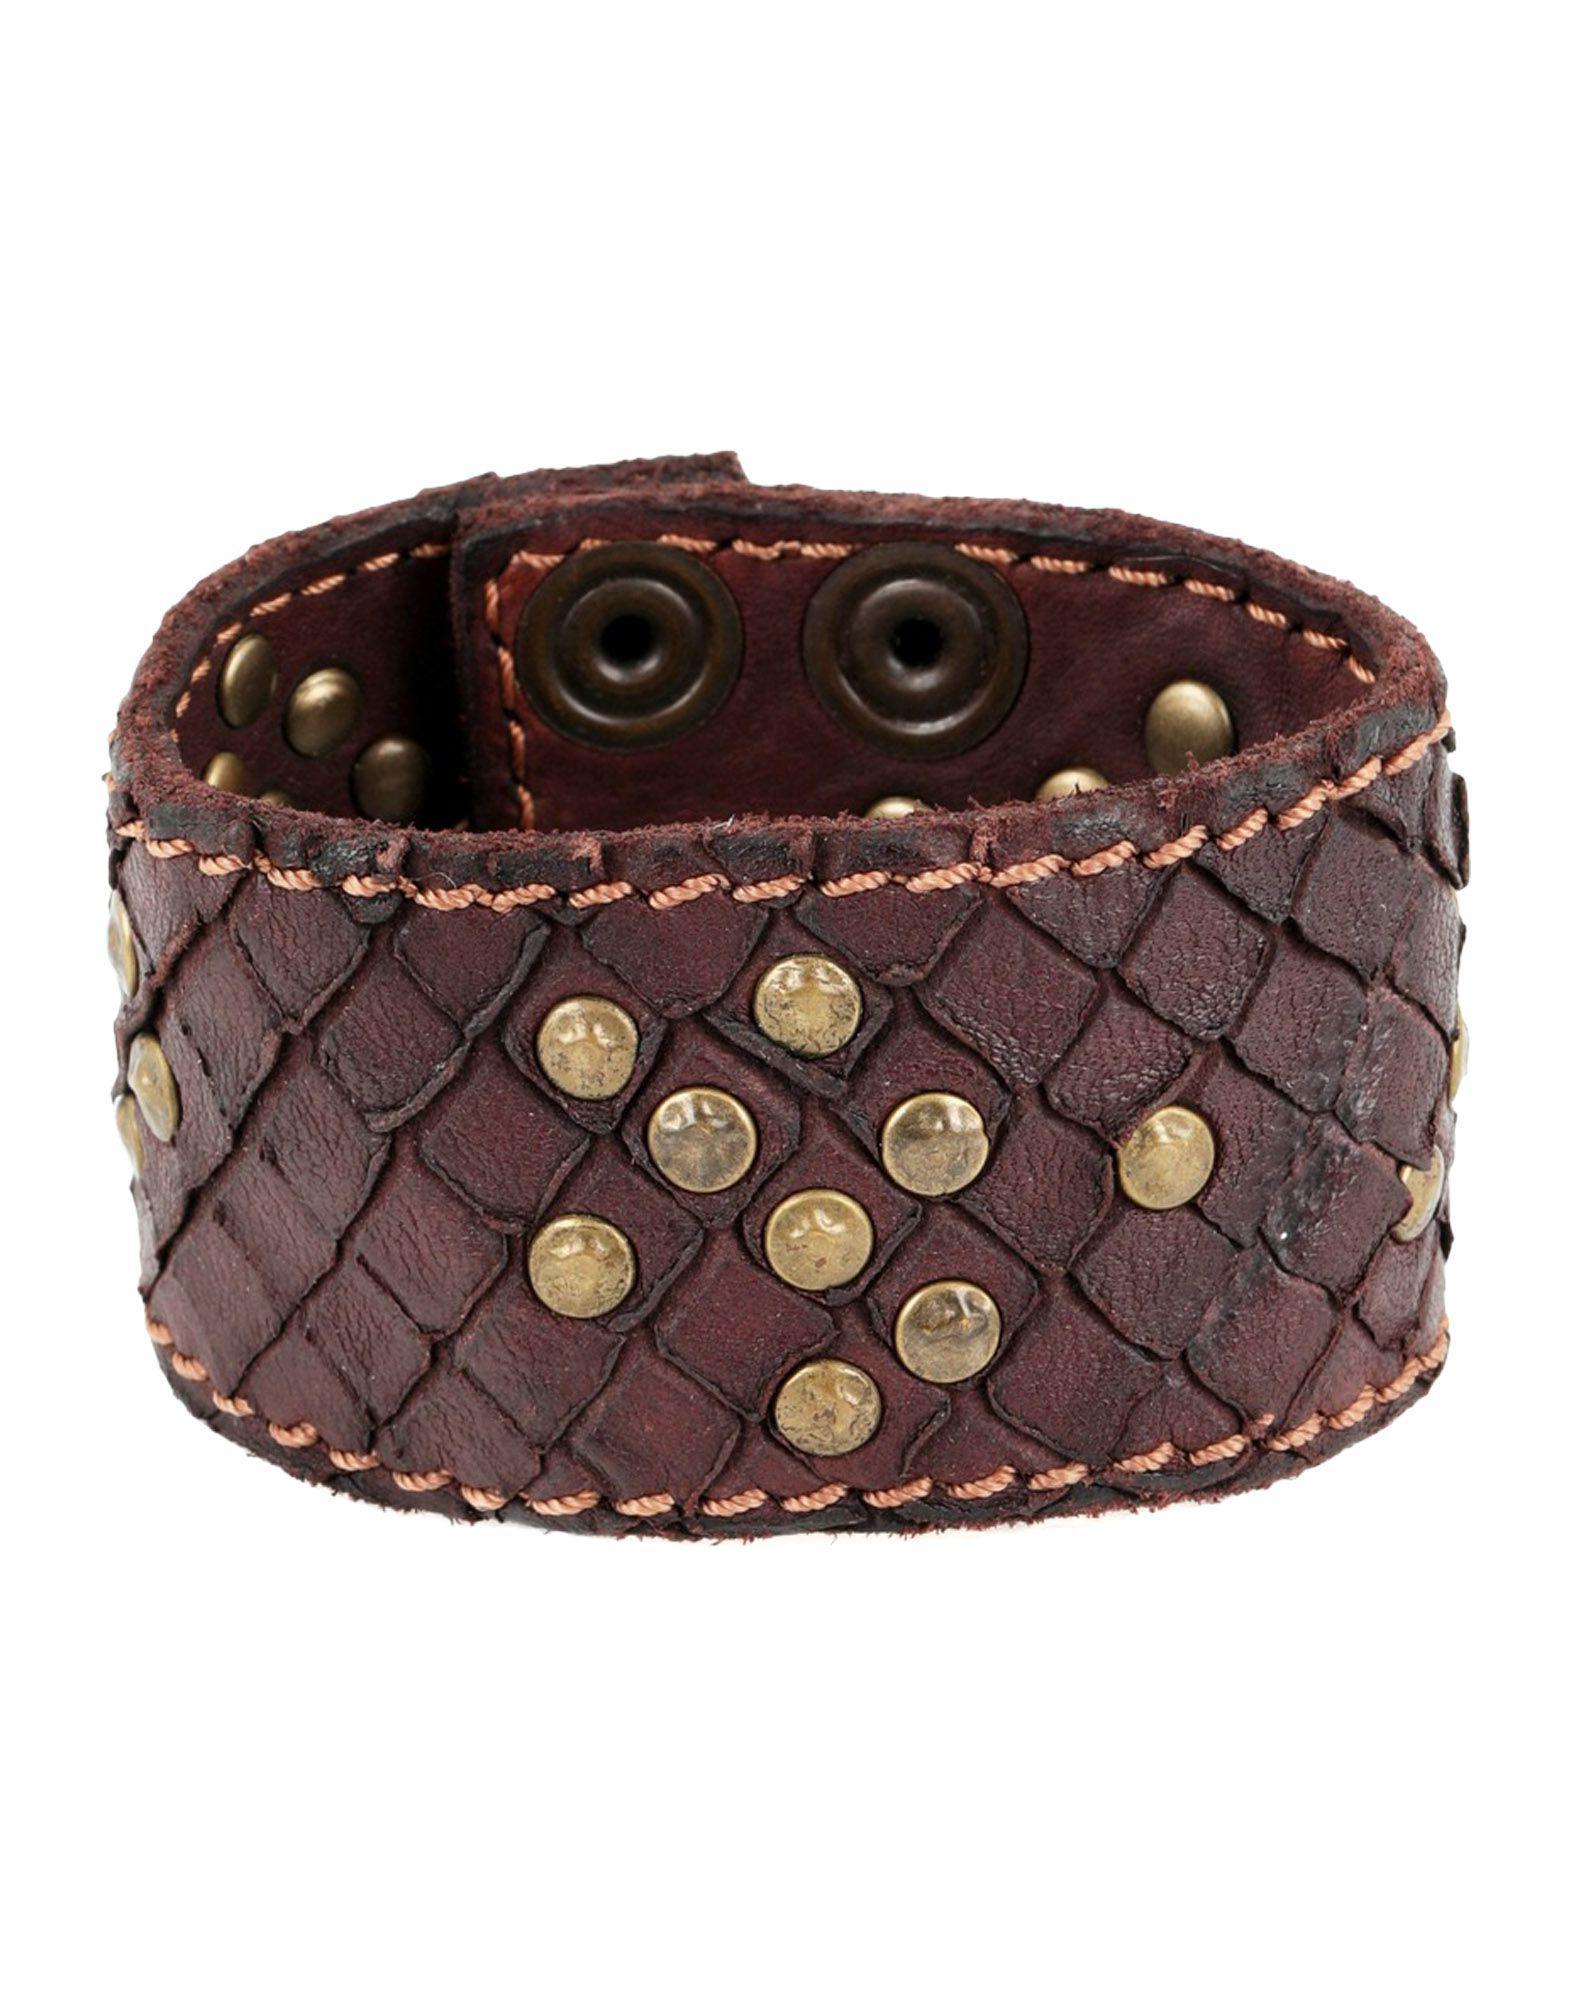 gut aus x Turnschuhe für billige bester Platz Campomaggi Brown Armband